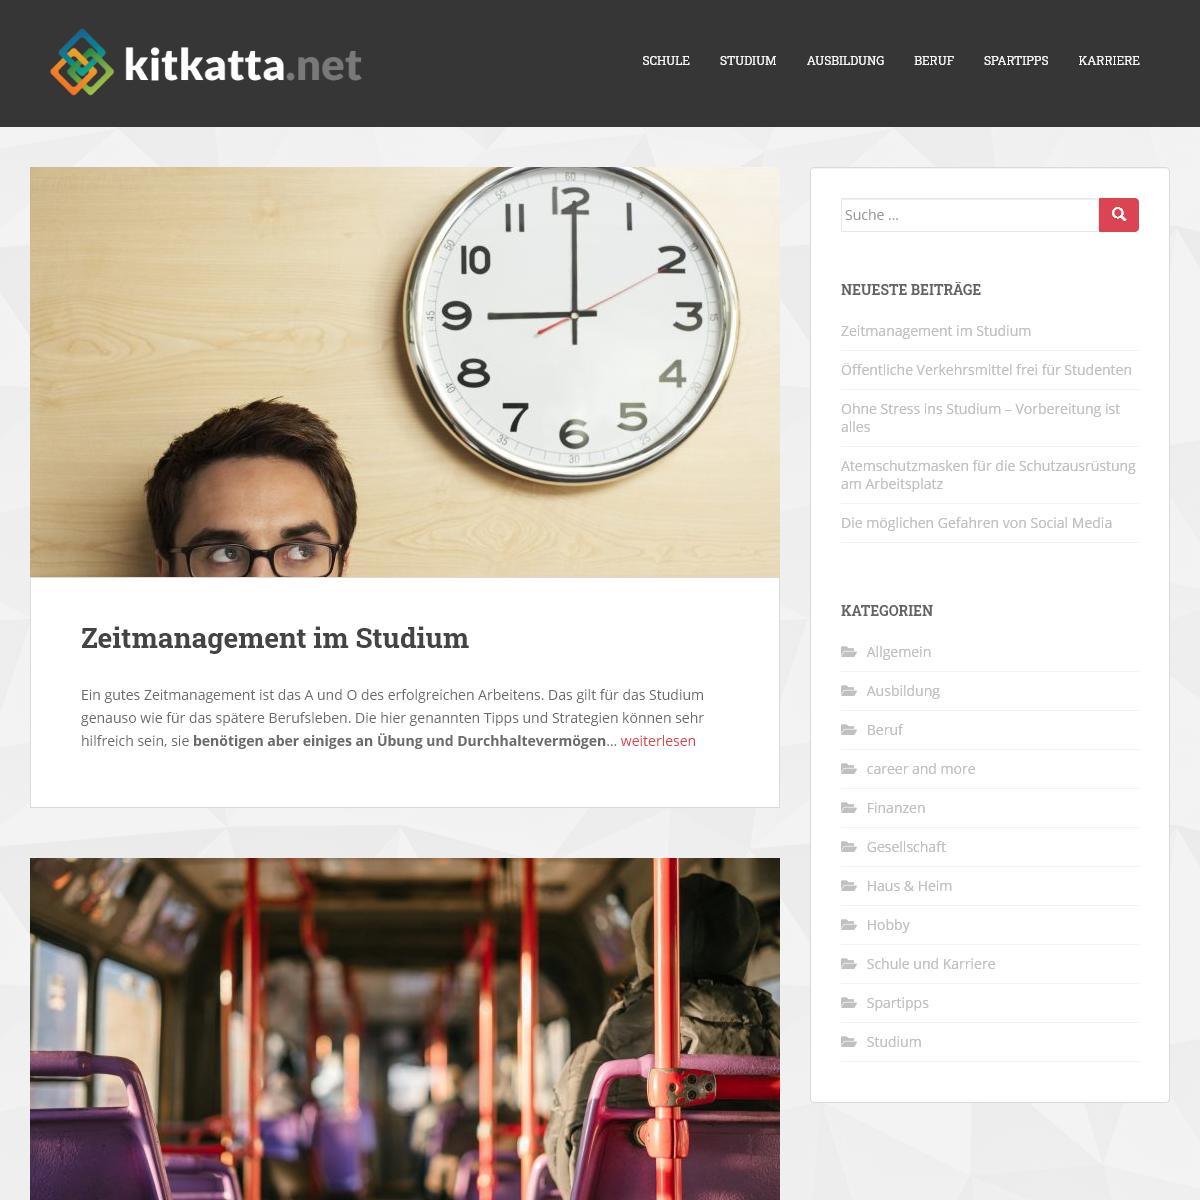 kitkatta.net - Deine Ratgeber- & Blog-Seite